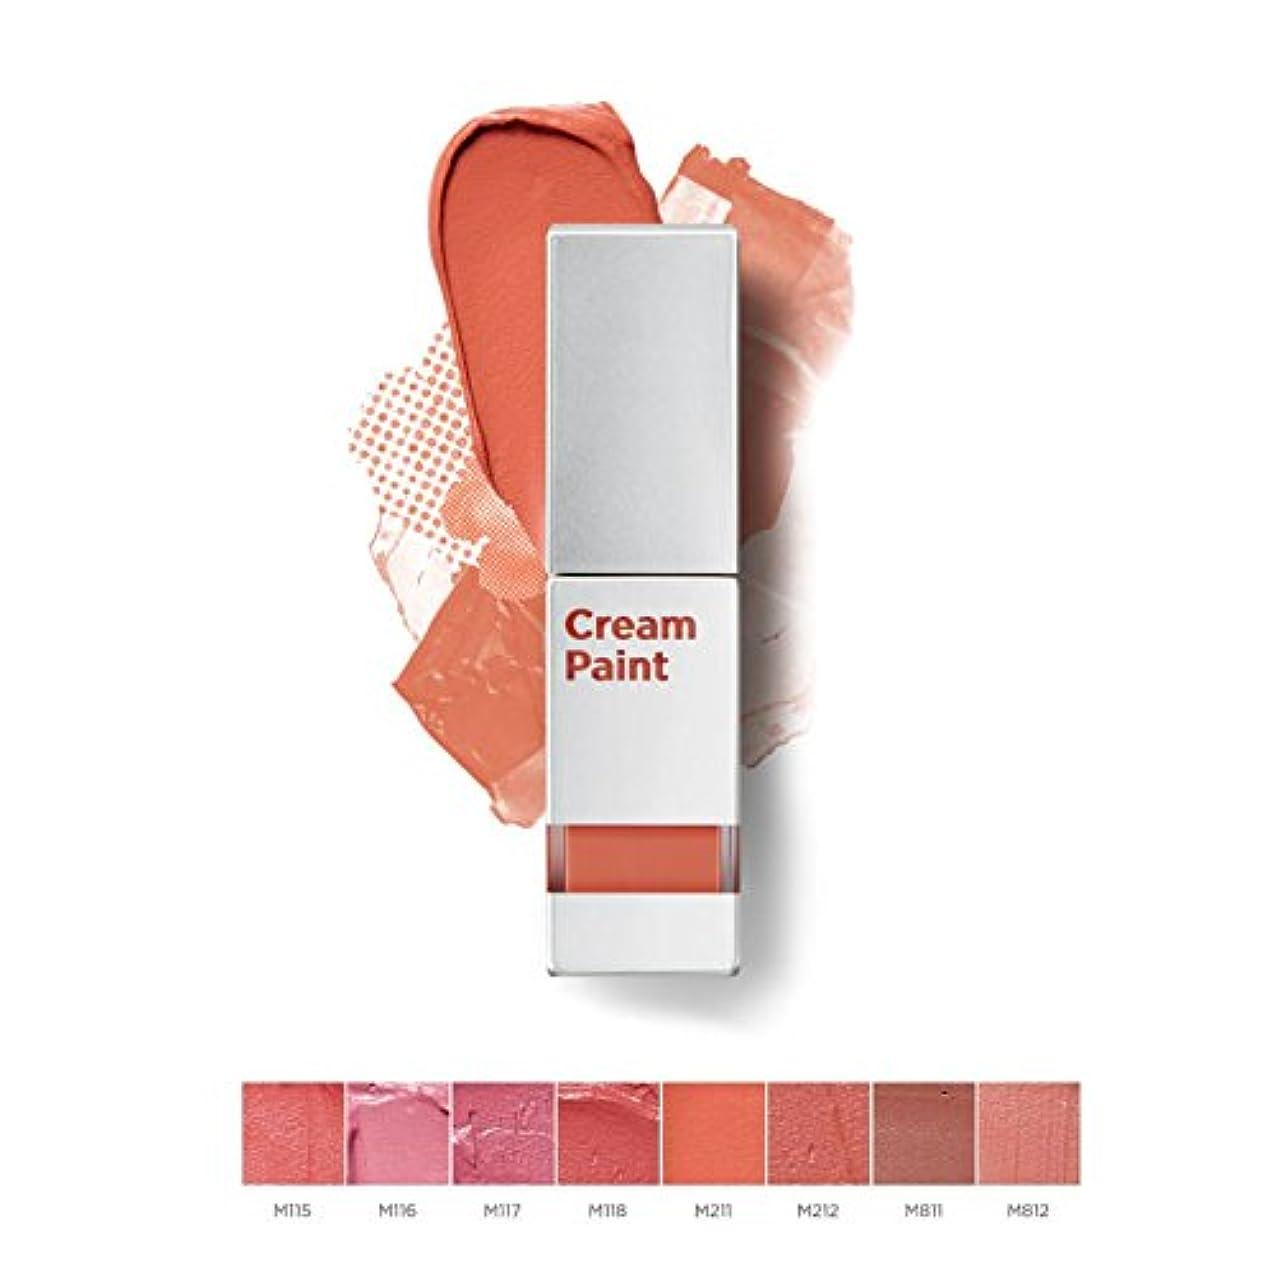 極小翻訳レーニン主義【MOONSHOT x BLACKPINK】東洋人の肌の色によく似合うマットリップ?クリームペイントライトフィット (Cream Paint Lightfit) 全8色中択2色 / 正品?海外直送品 (M211. Orange...